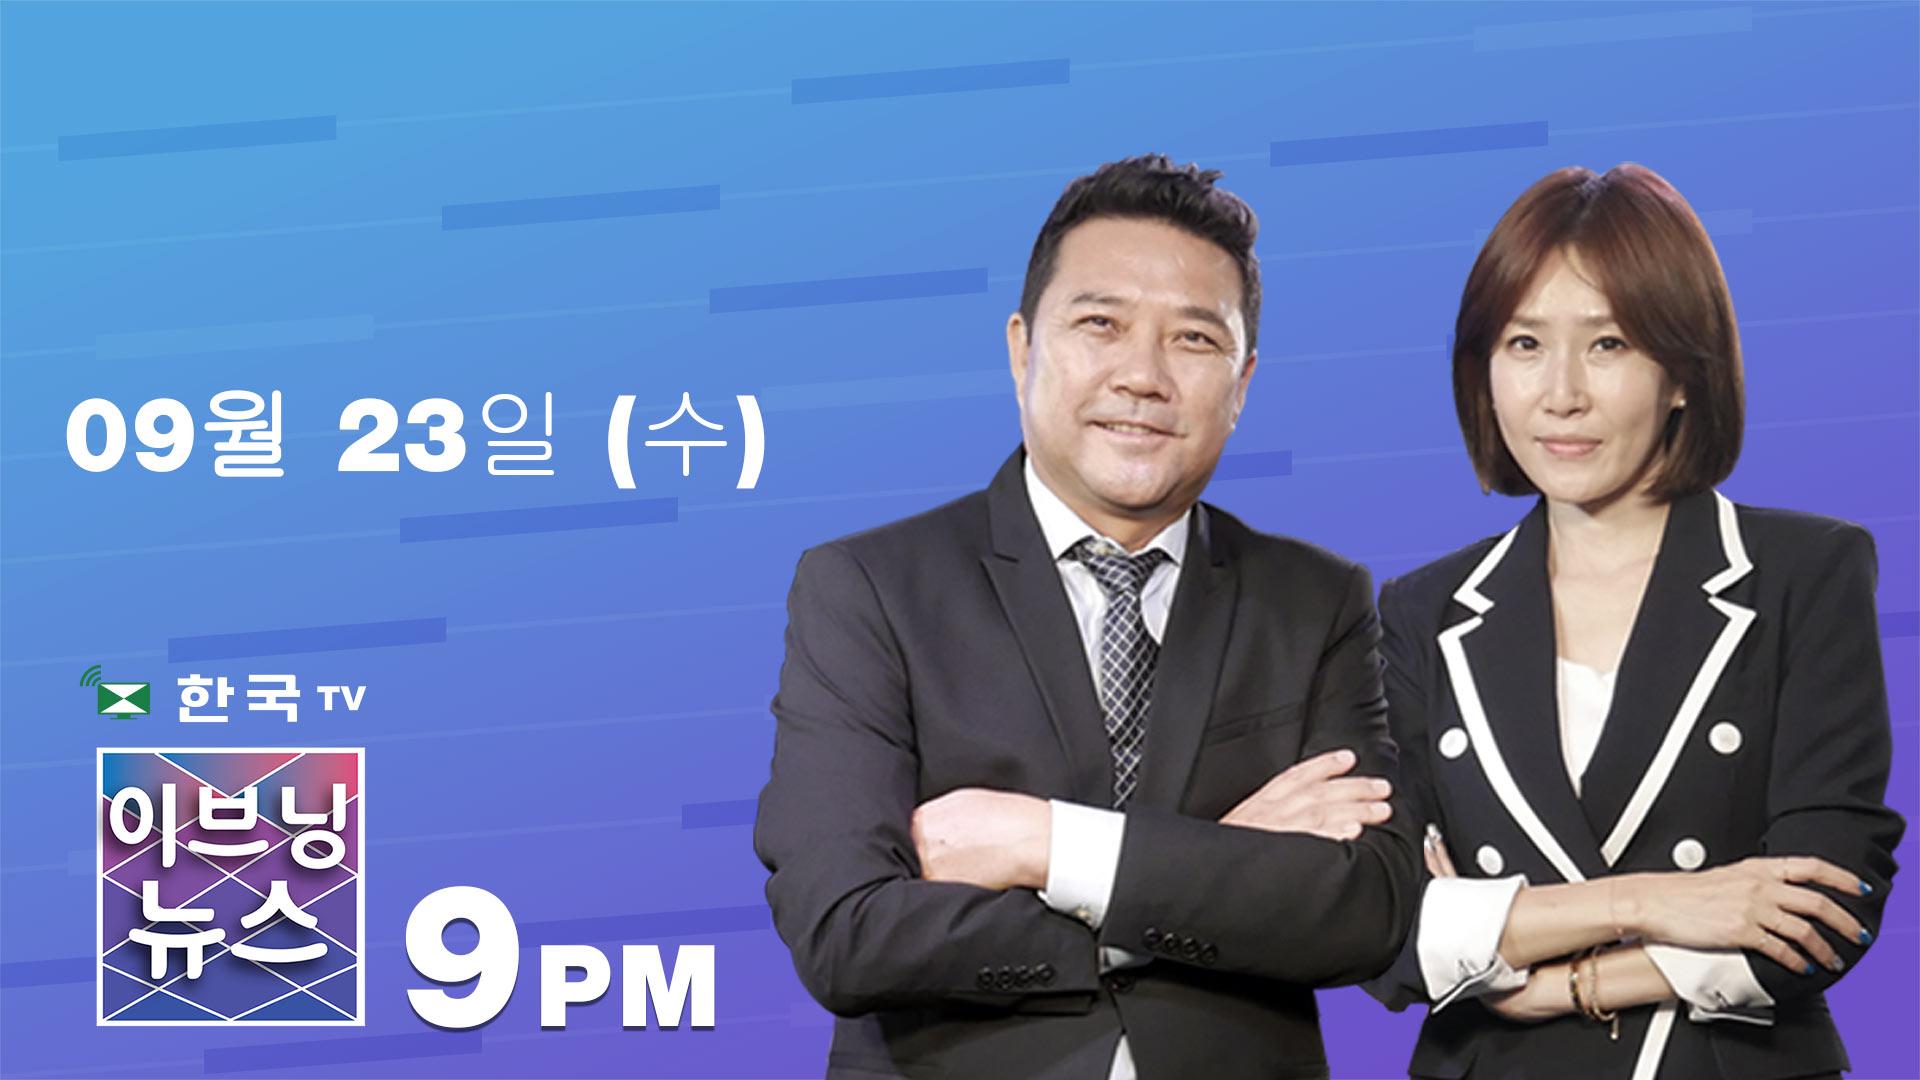 (09.23.2020) 한국TV 이브닝 뉴스